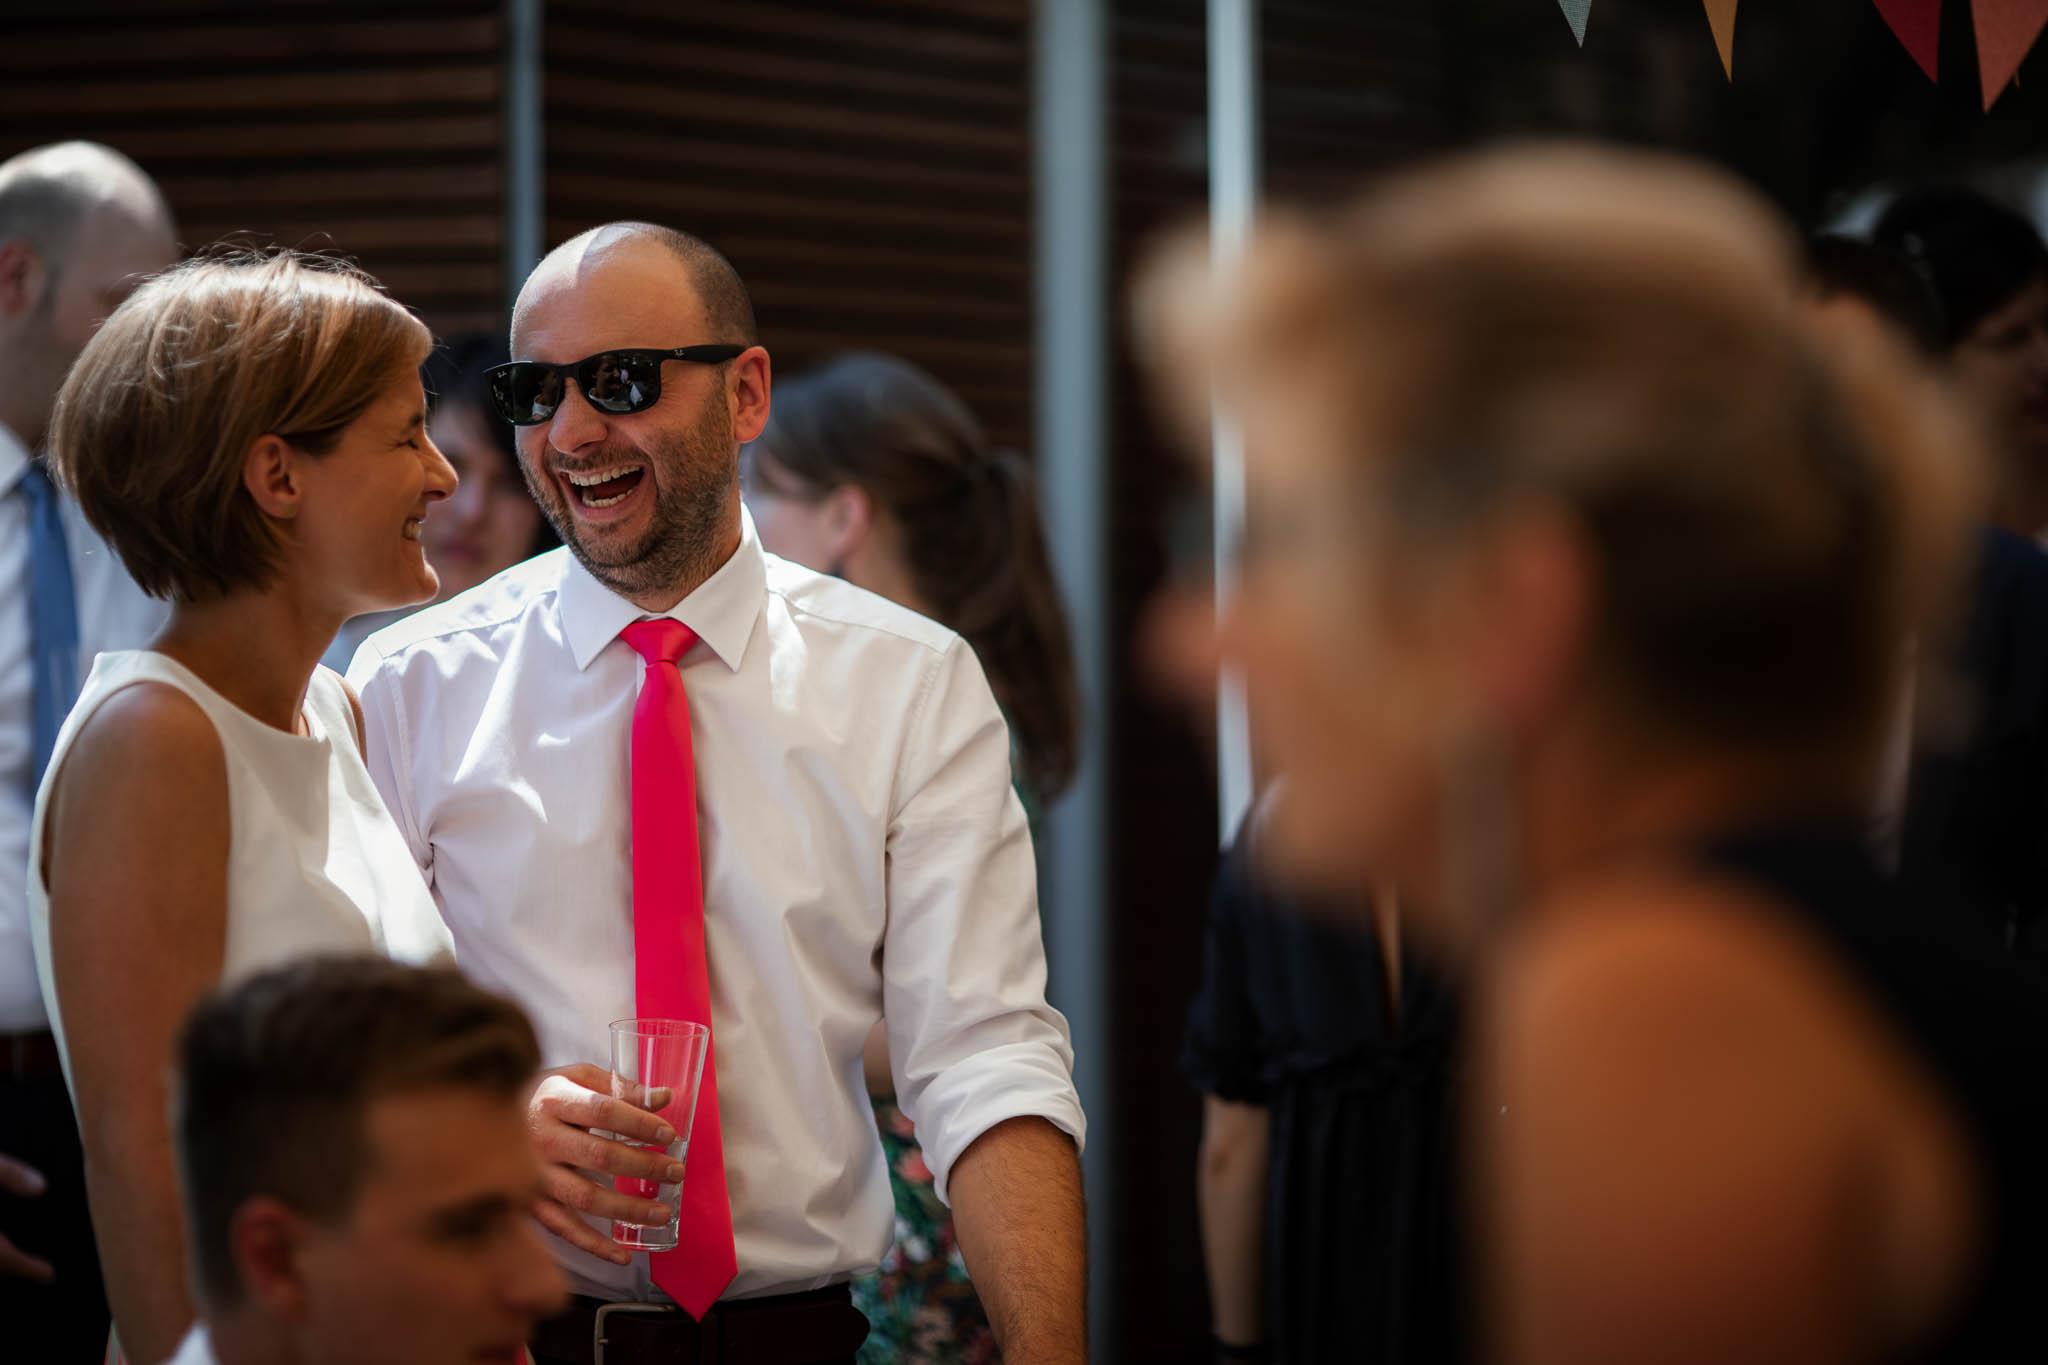 Hochzeitsfotograf Guntersblum, Domhof - Hochzeit von Ina & Johannes 40